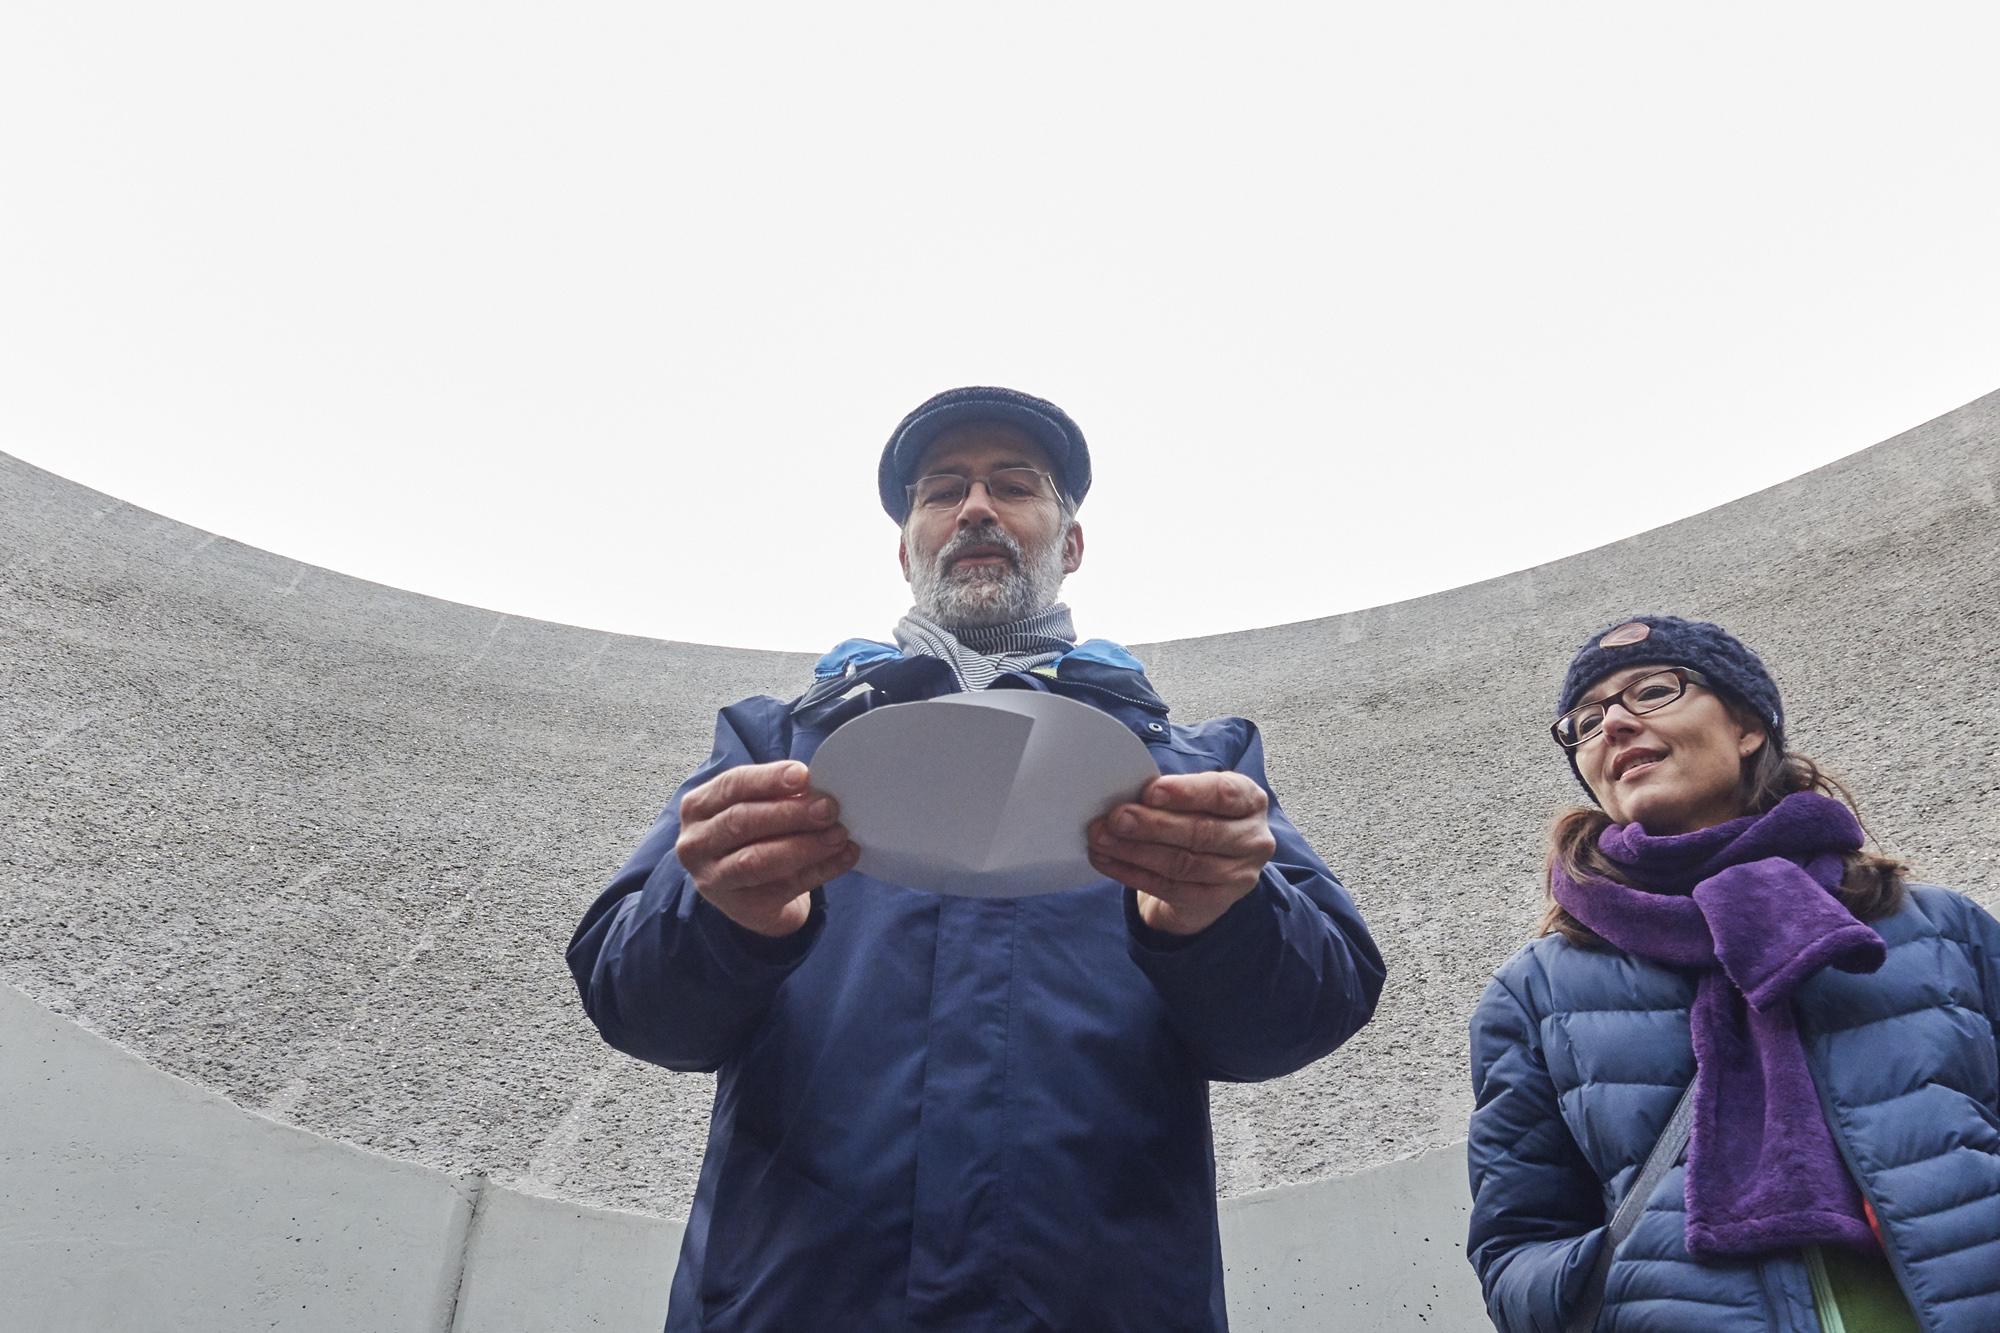 Der Künstler Michele Cordasco erklärt das Trichterprinzip seiner begehbaren Skulptur.